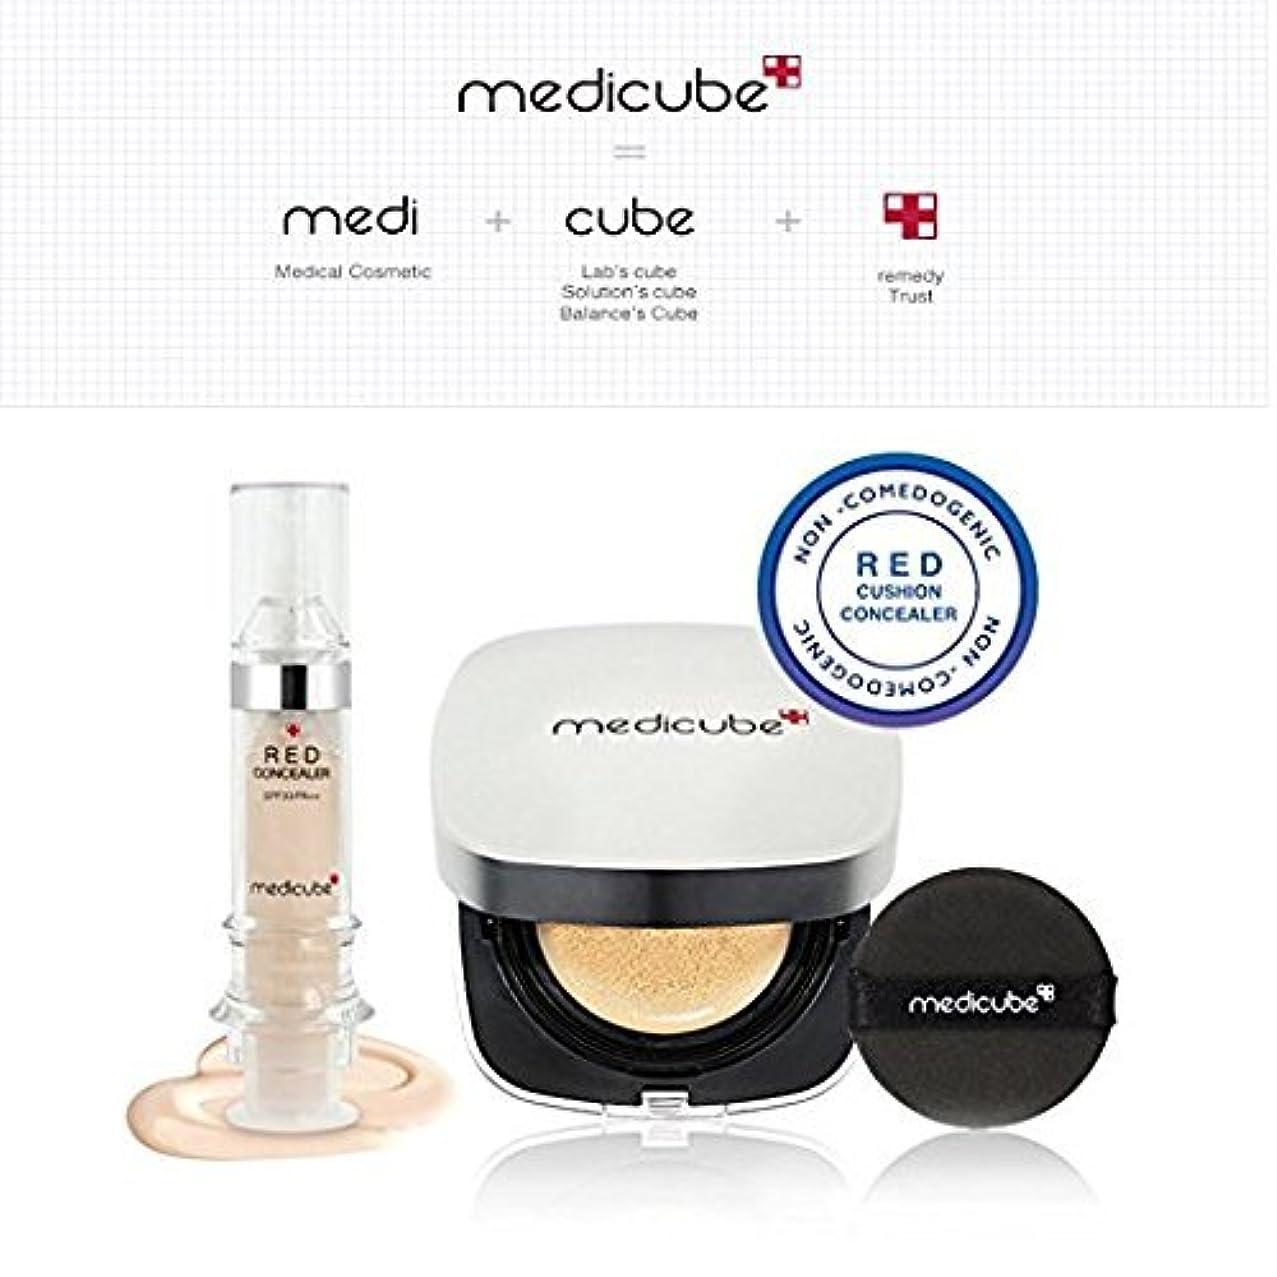 申請者冷酷な誕生Medicube メディキューブレッドクッション(15g) + コンシーラセット(5.5ml) 正品?海外直送商品 (Cushion #21 + #21)